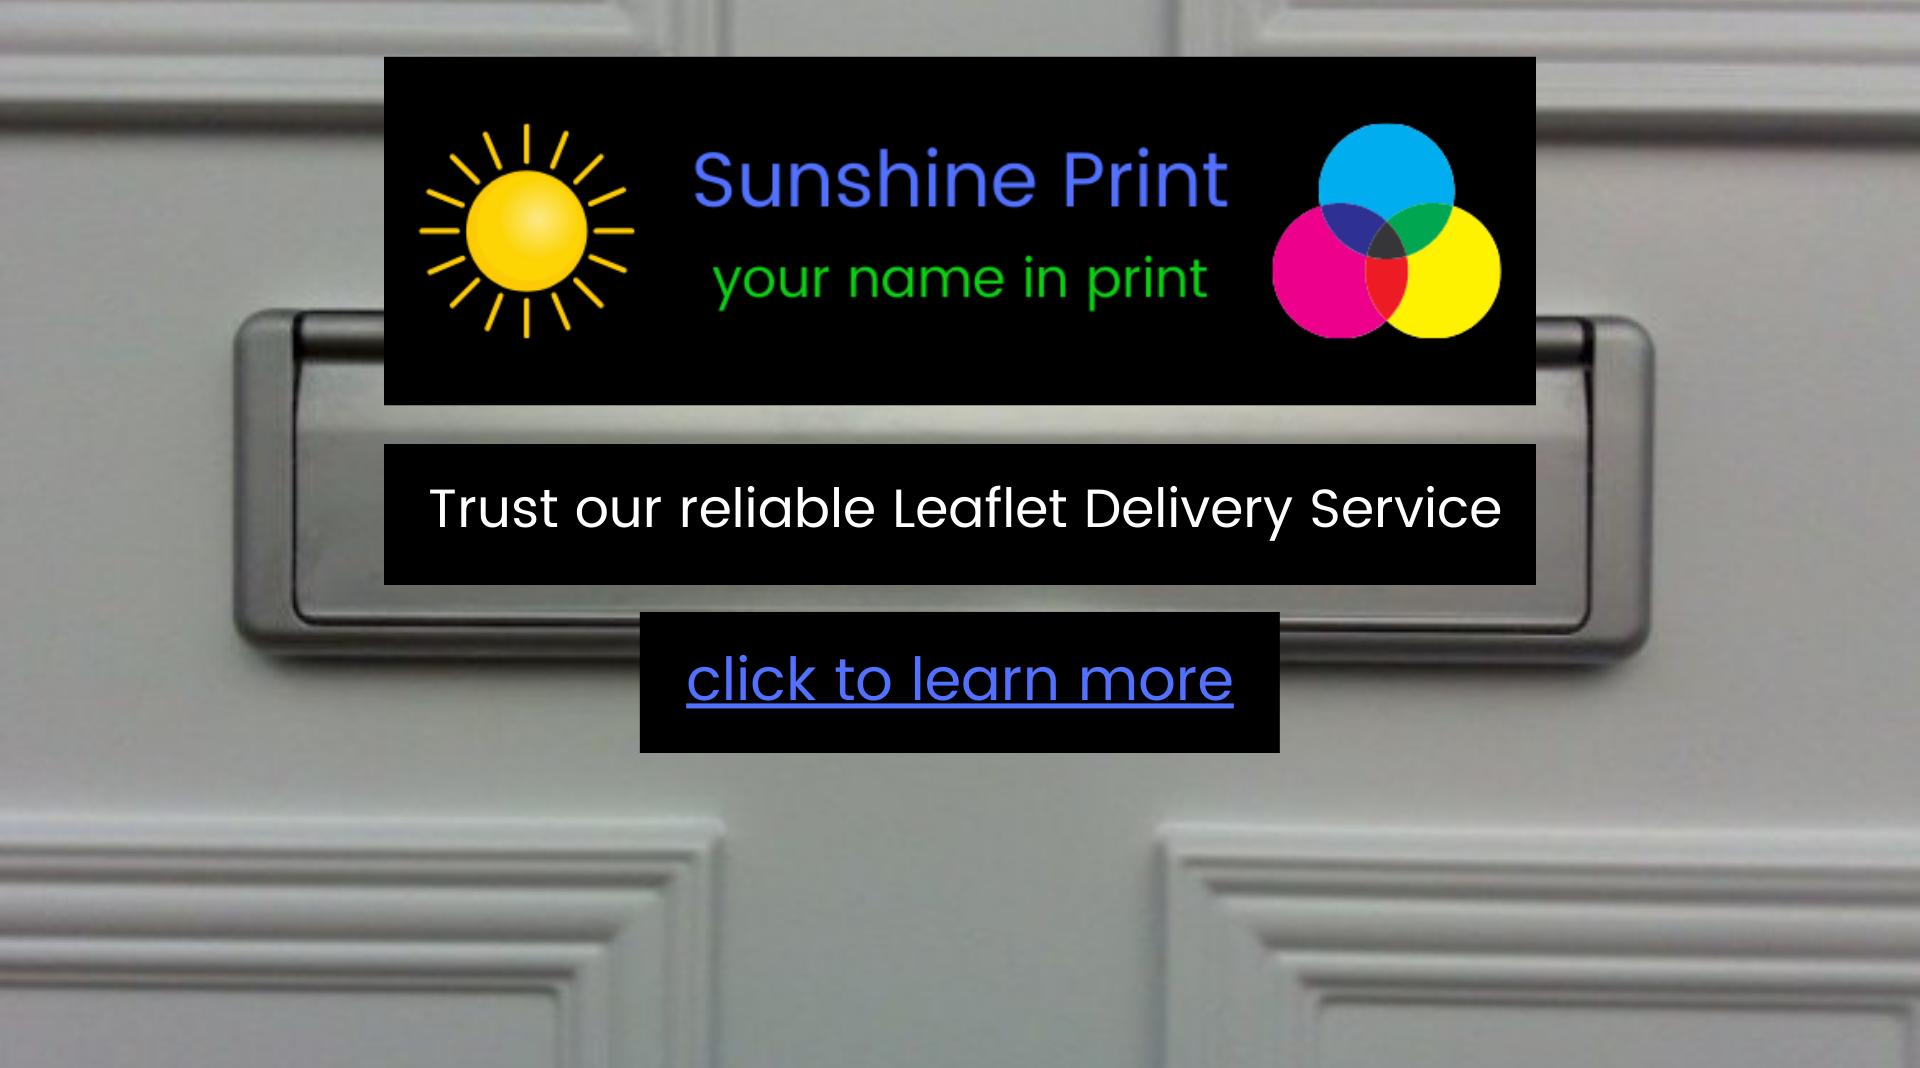 SP Leaflet Delivery Service